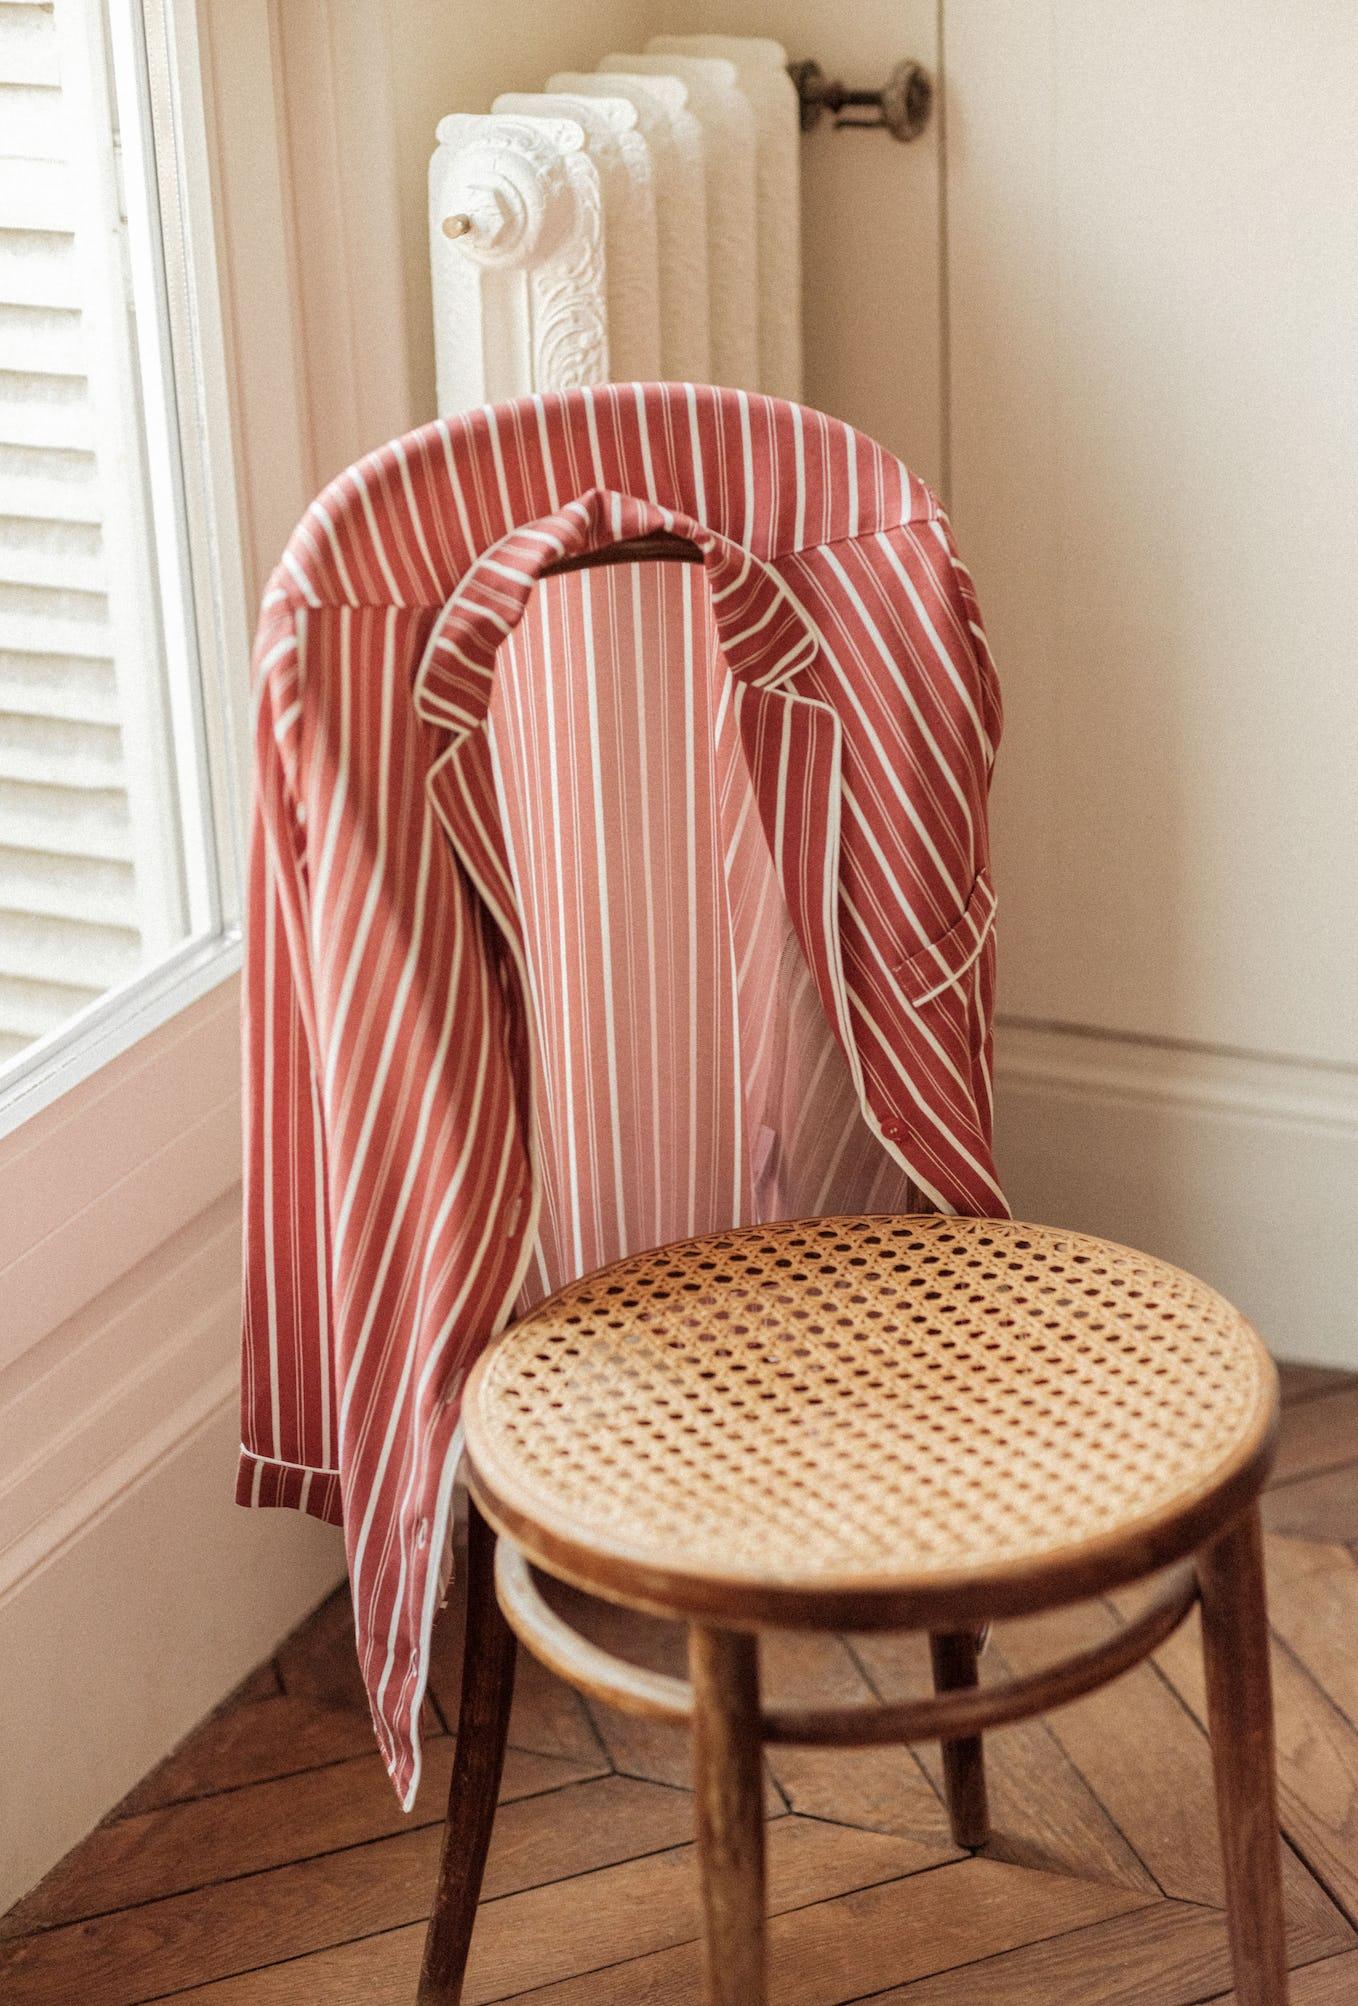 Songe de nuit shirt with Chérie stripes